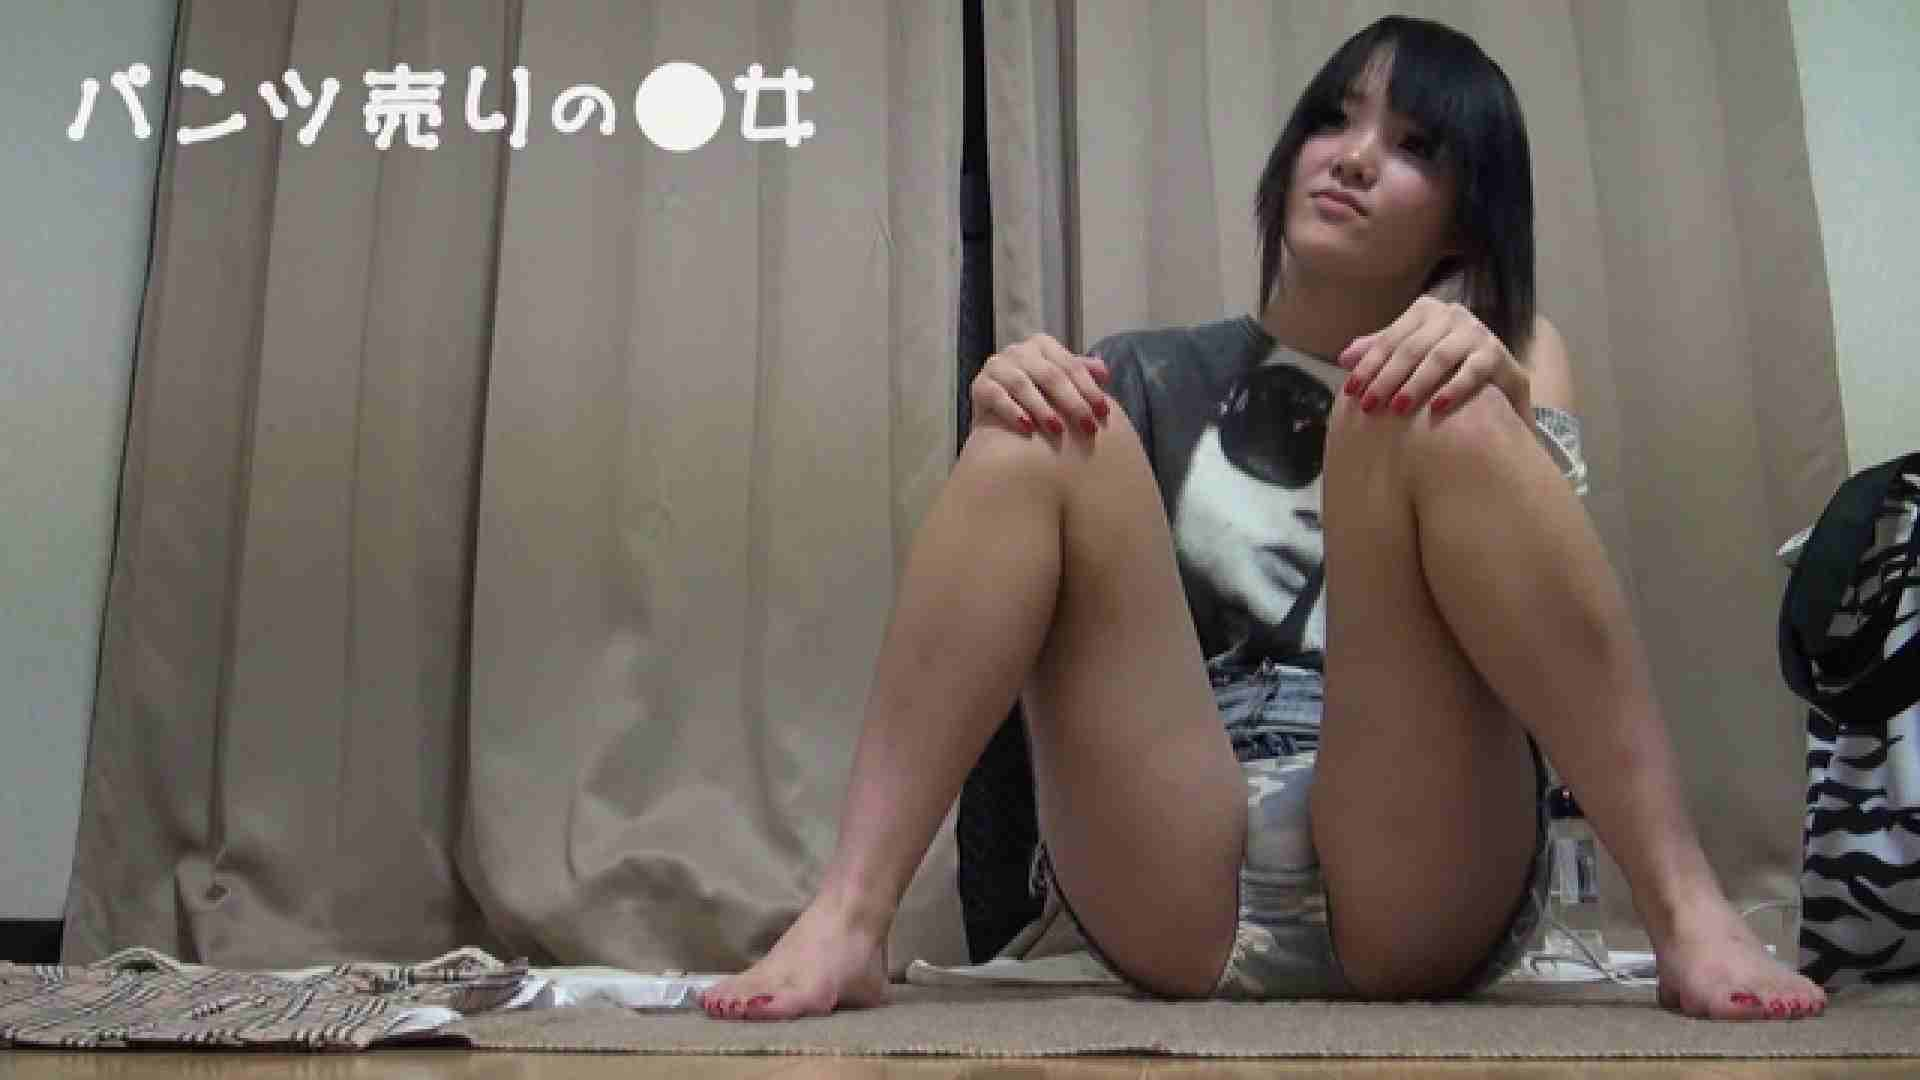 新説 パンツ売りの女の子mizuki02 一般投稿  76pic 10